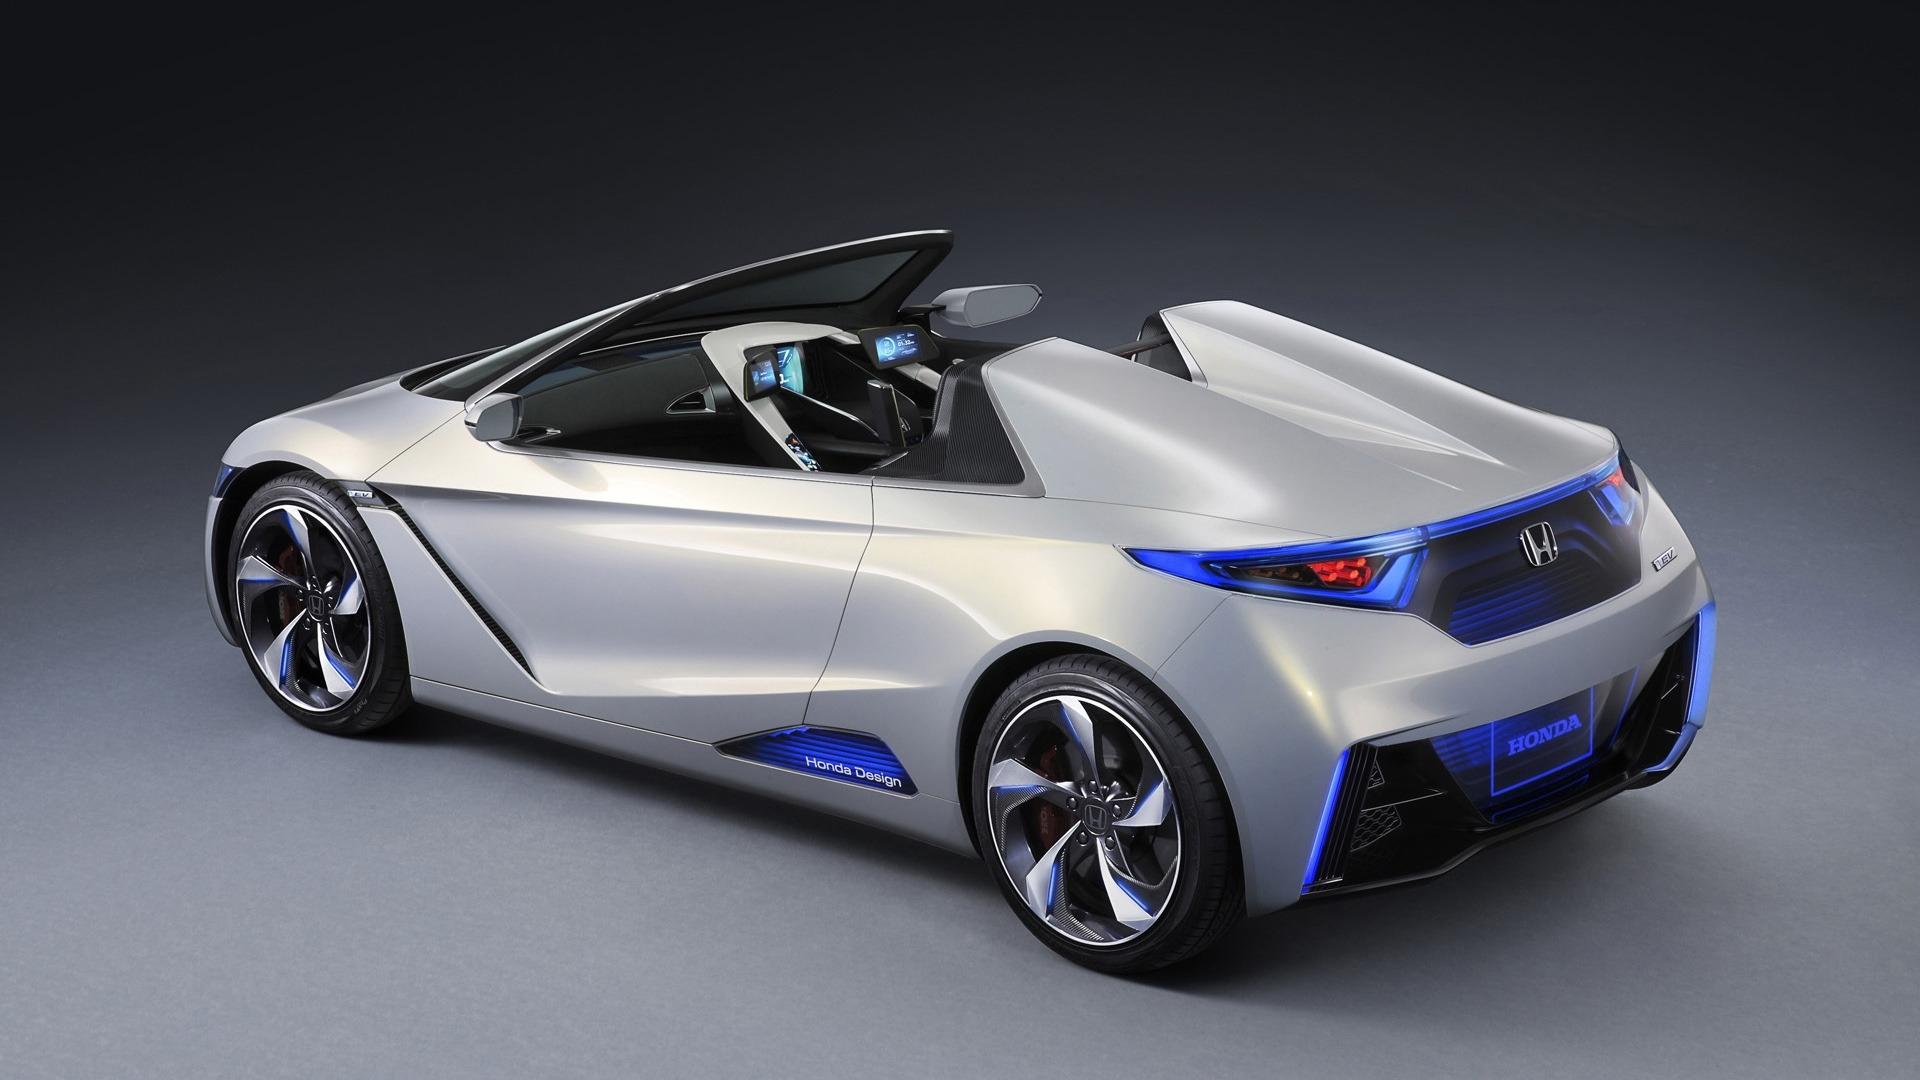 спортивный автомобиль peugeot concept sports car  № 959023 бесплатно